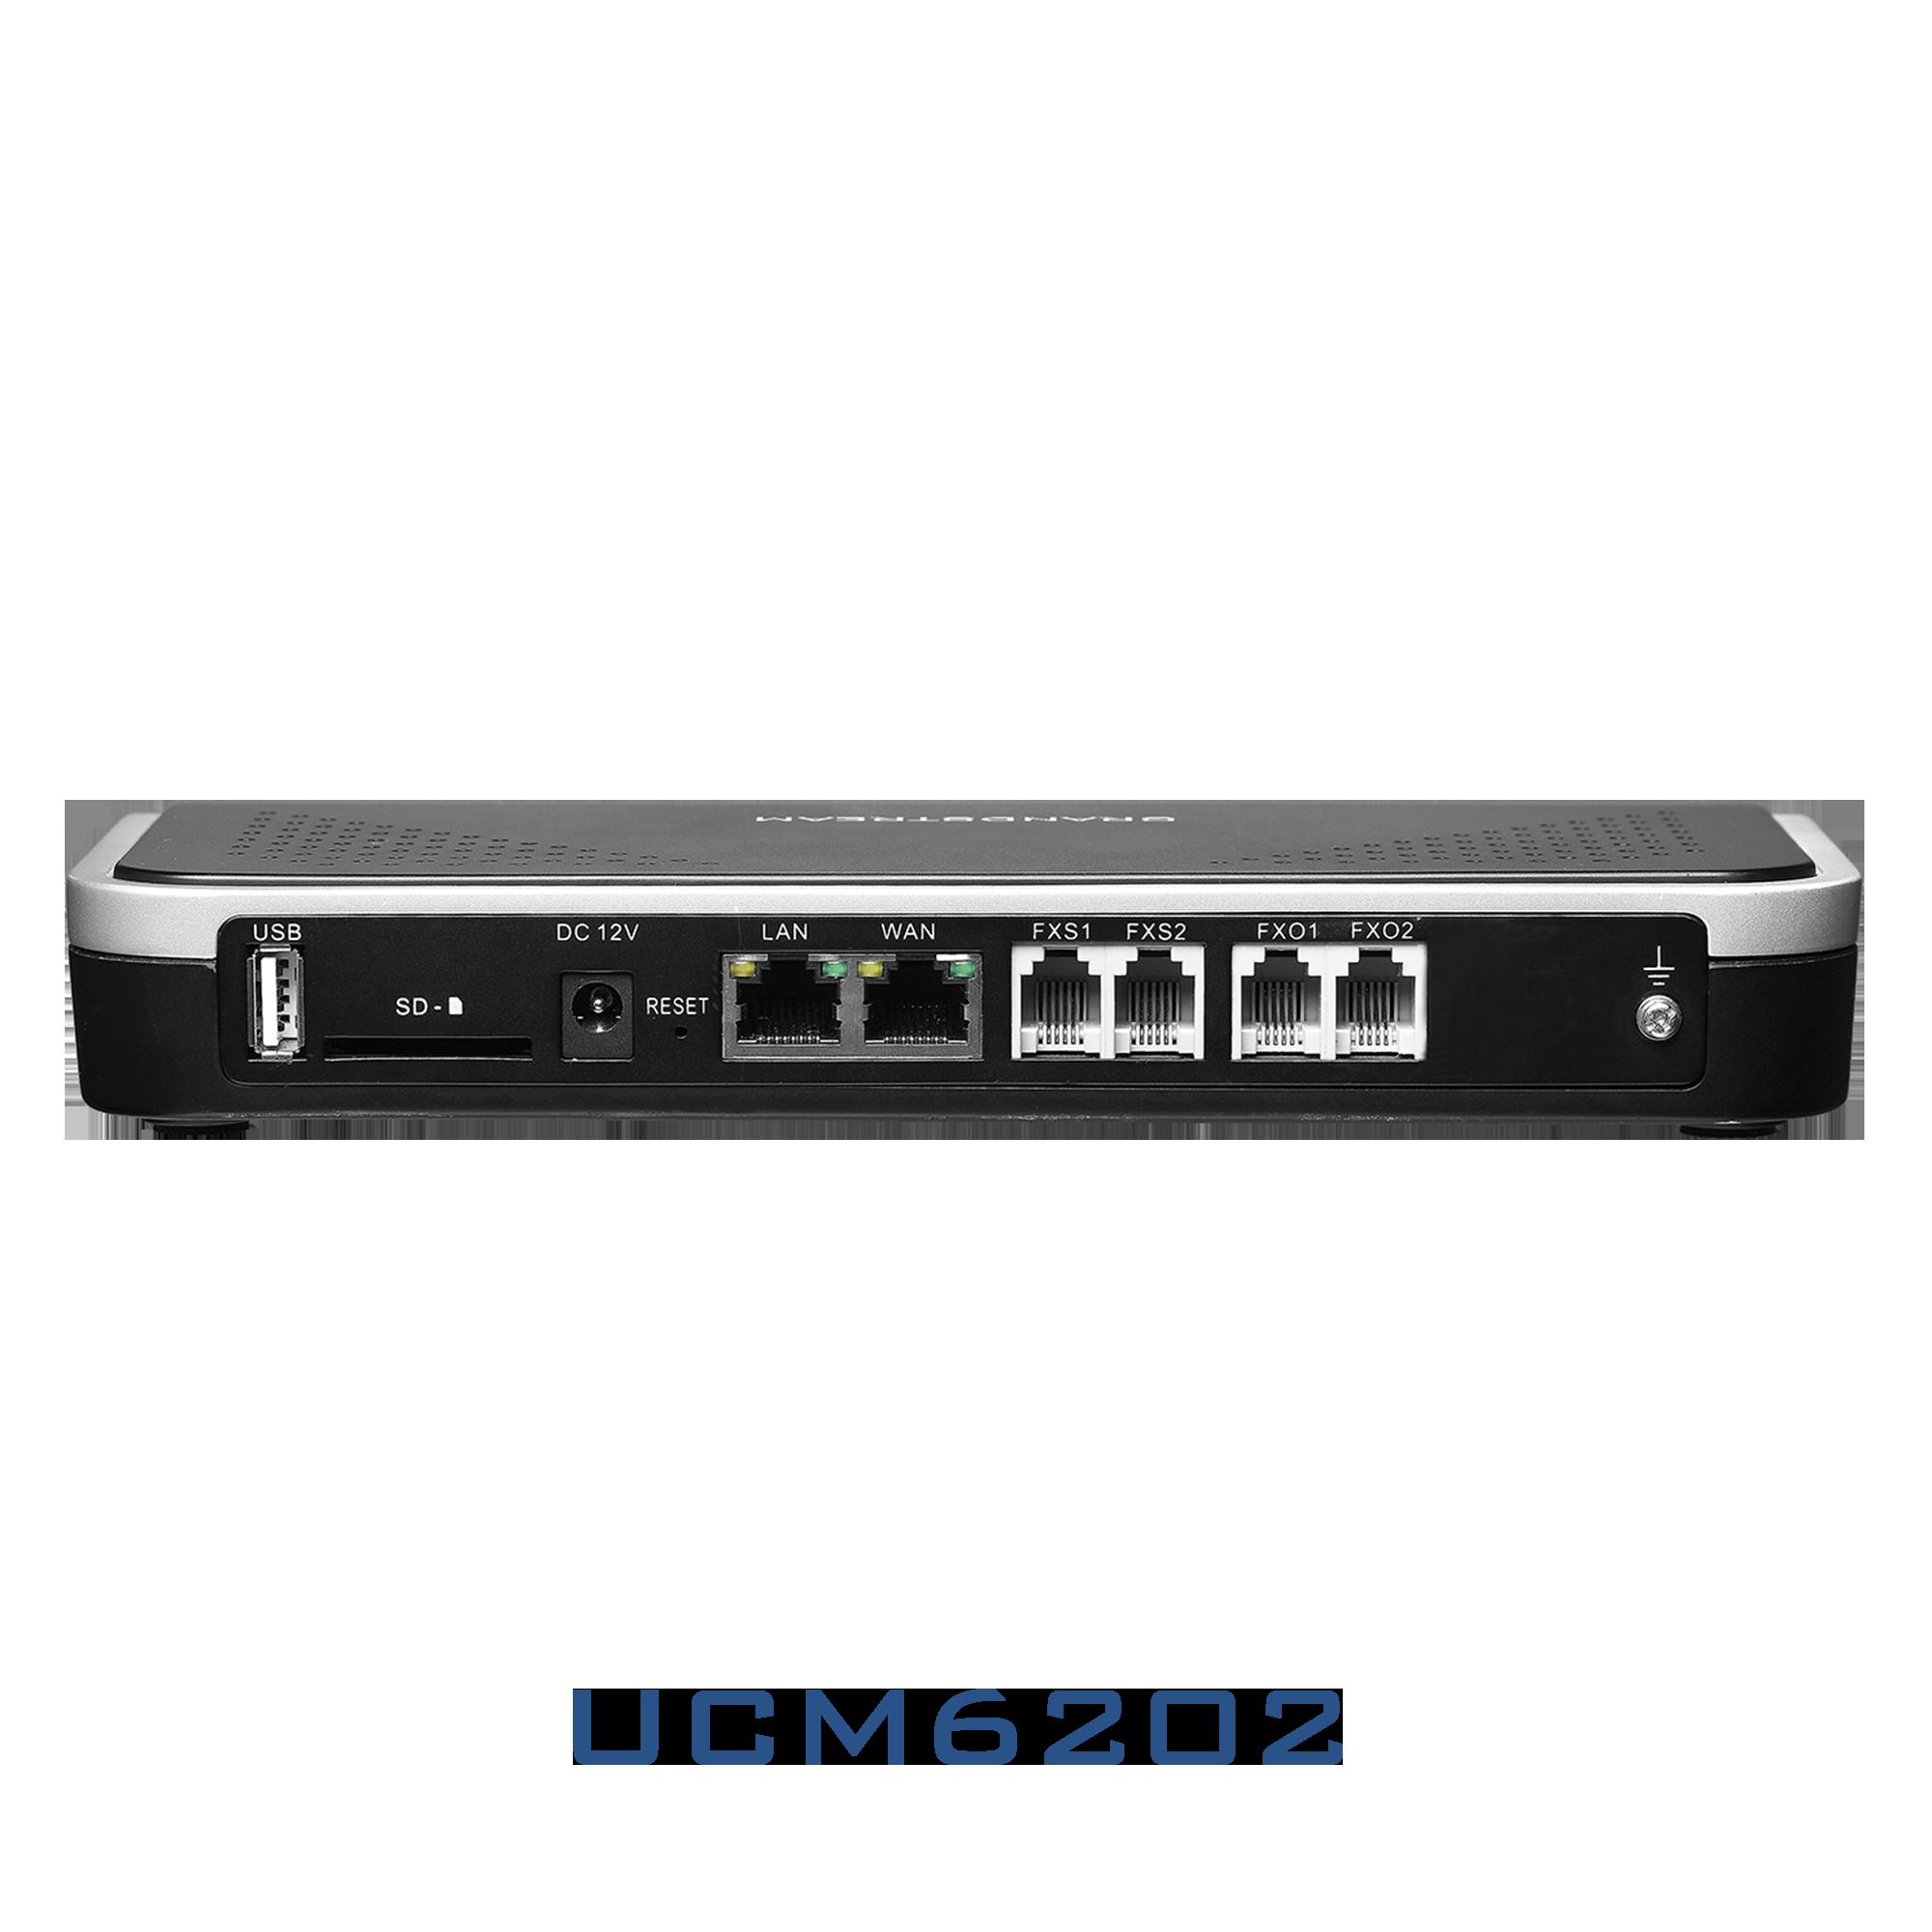 ucm6202_back_Web